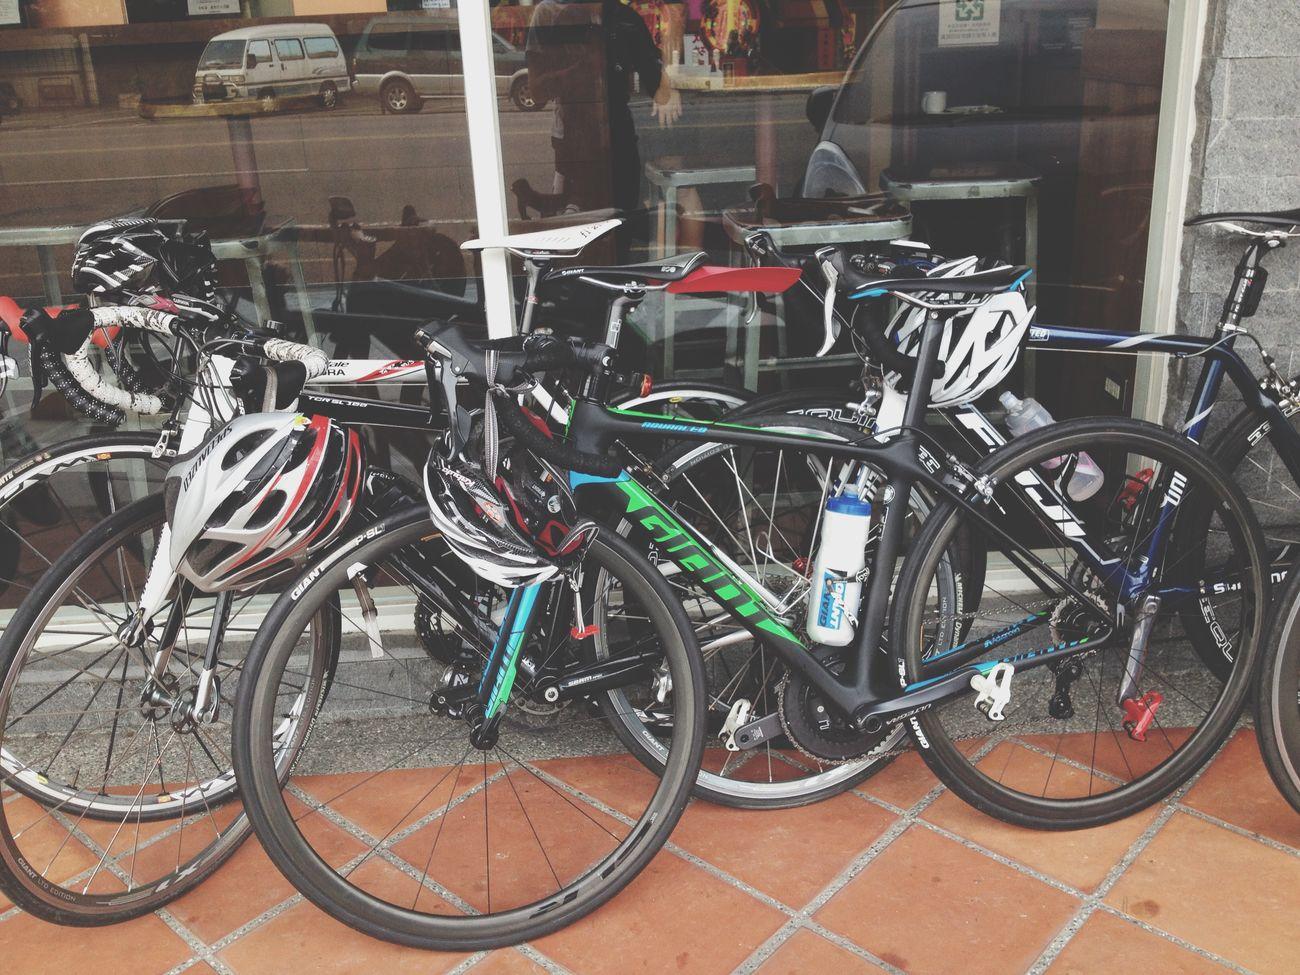 Cafe Latte Enjoying The View Enjoying Life Relaxing Beautiful Nature Bikes